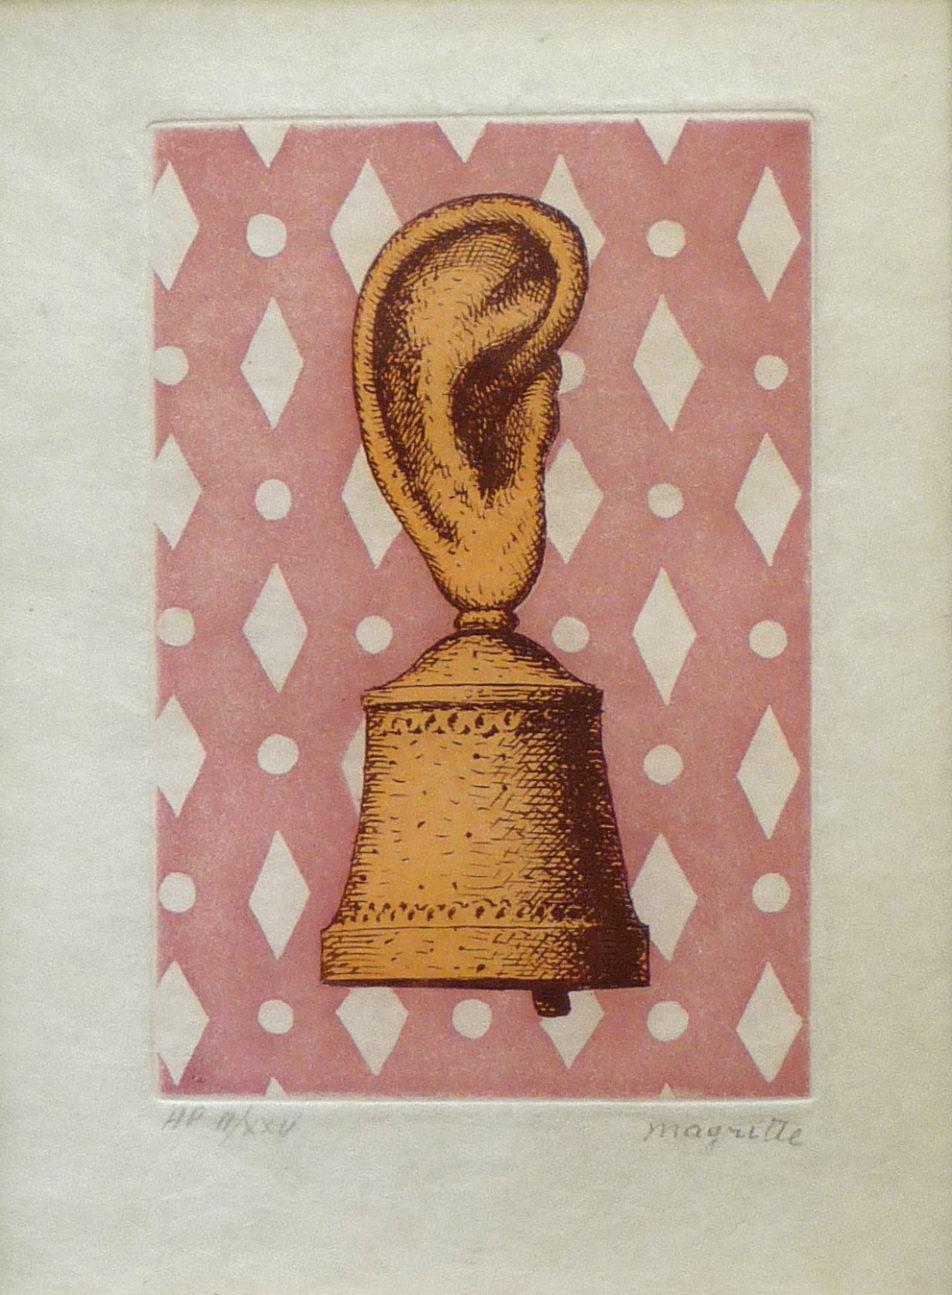 la lecon de musique by rene magritte